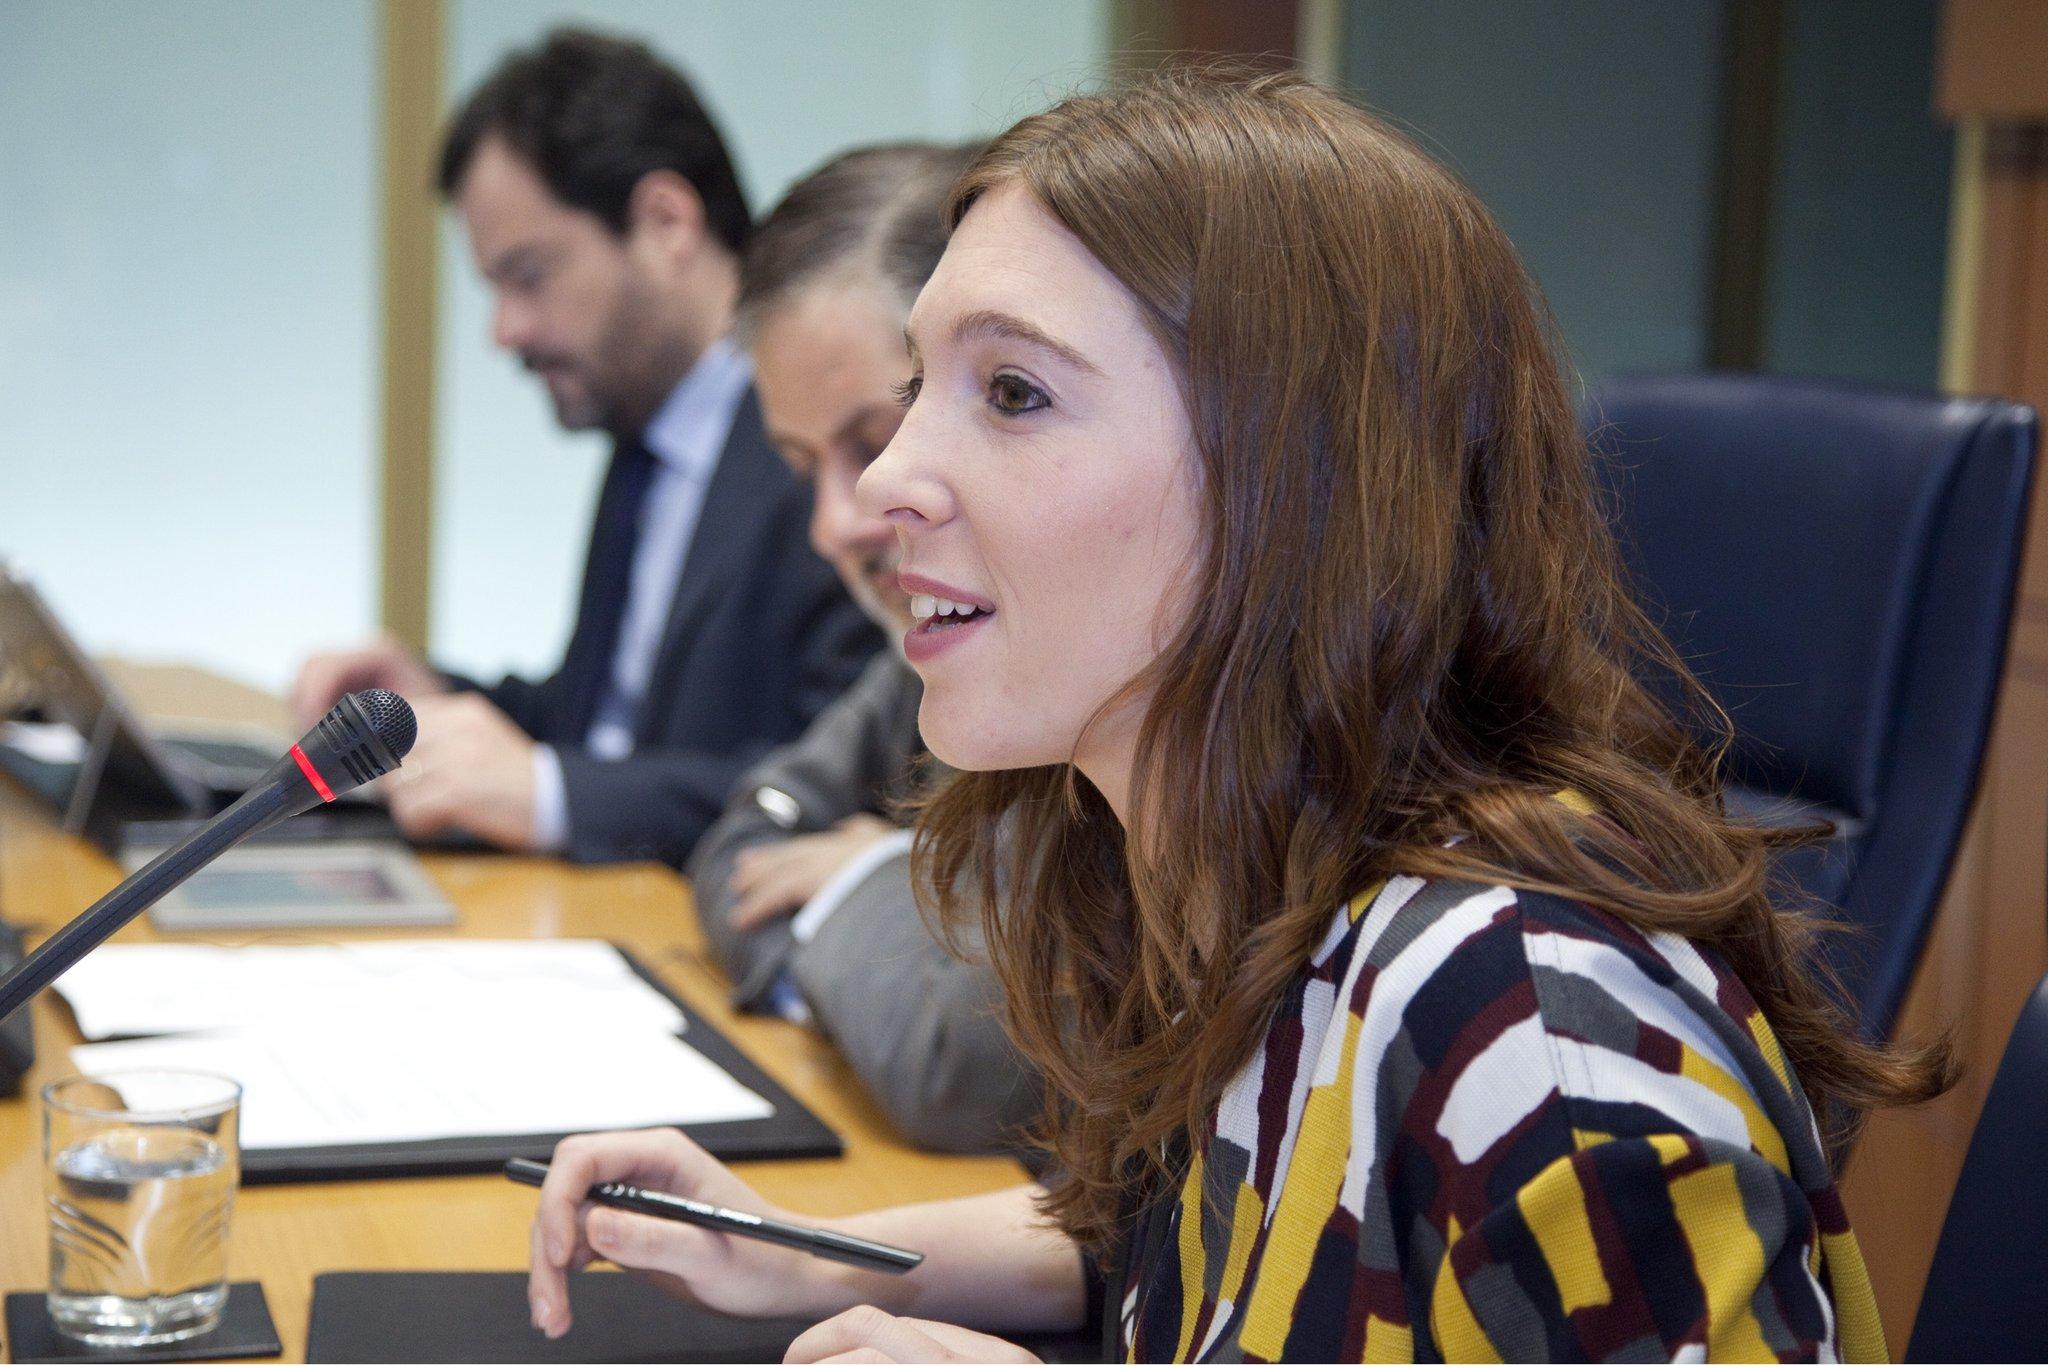 Eusko Legebiltzarrean Maialen Olabek, EGK-ko presidenteak, egindako agerraldiaren argazkia